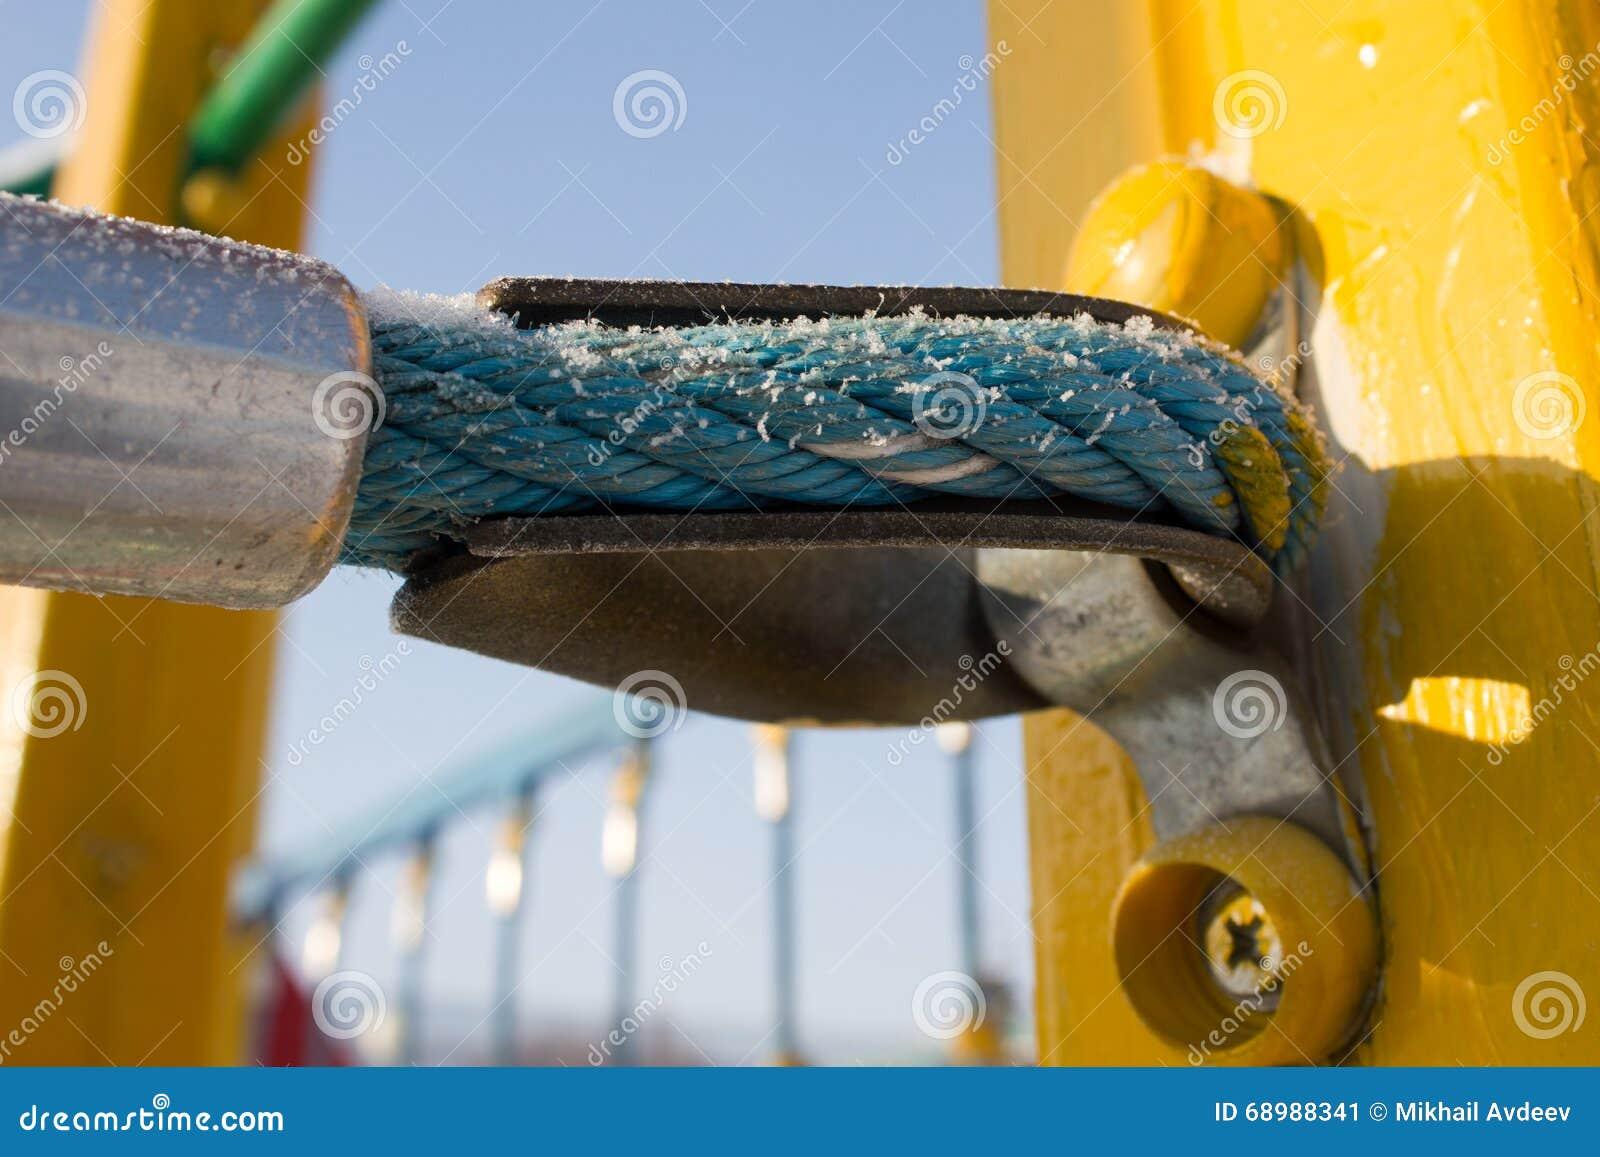 El nudo de sujetar una cuerda